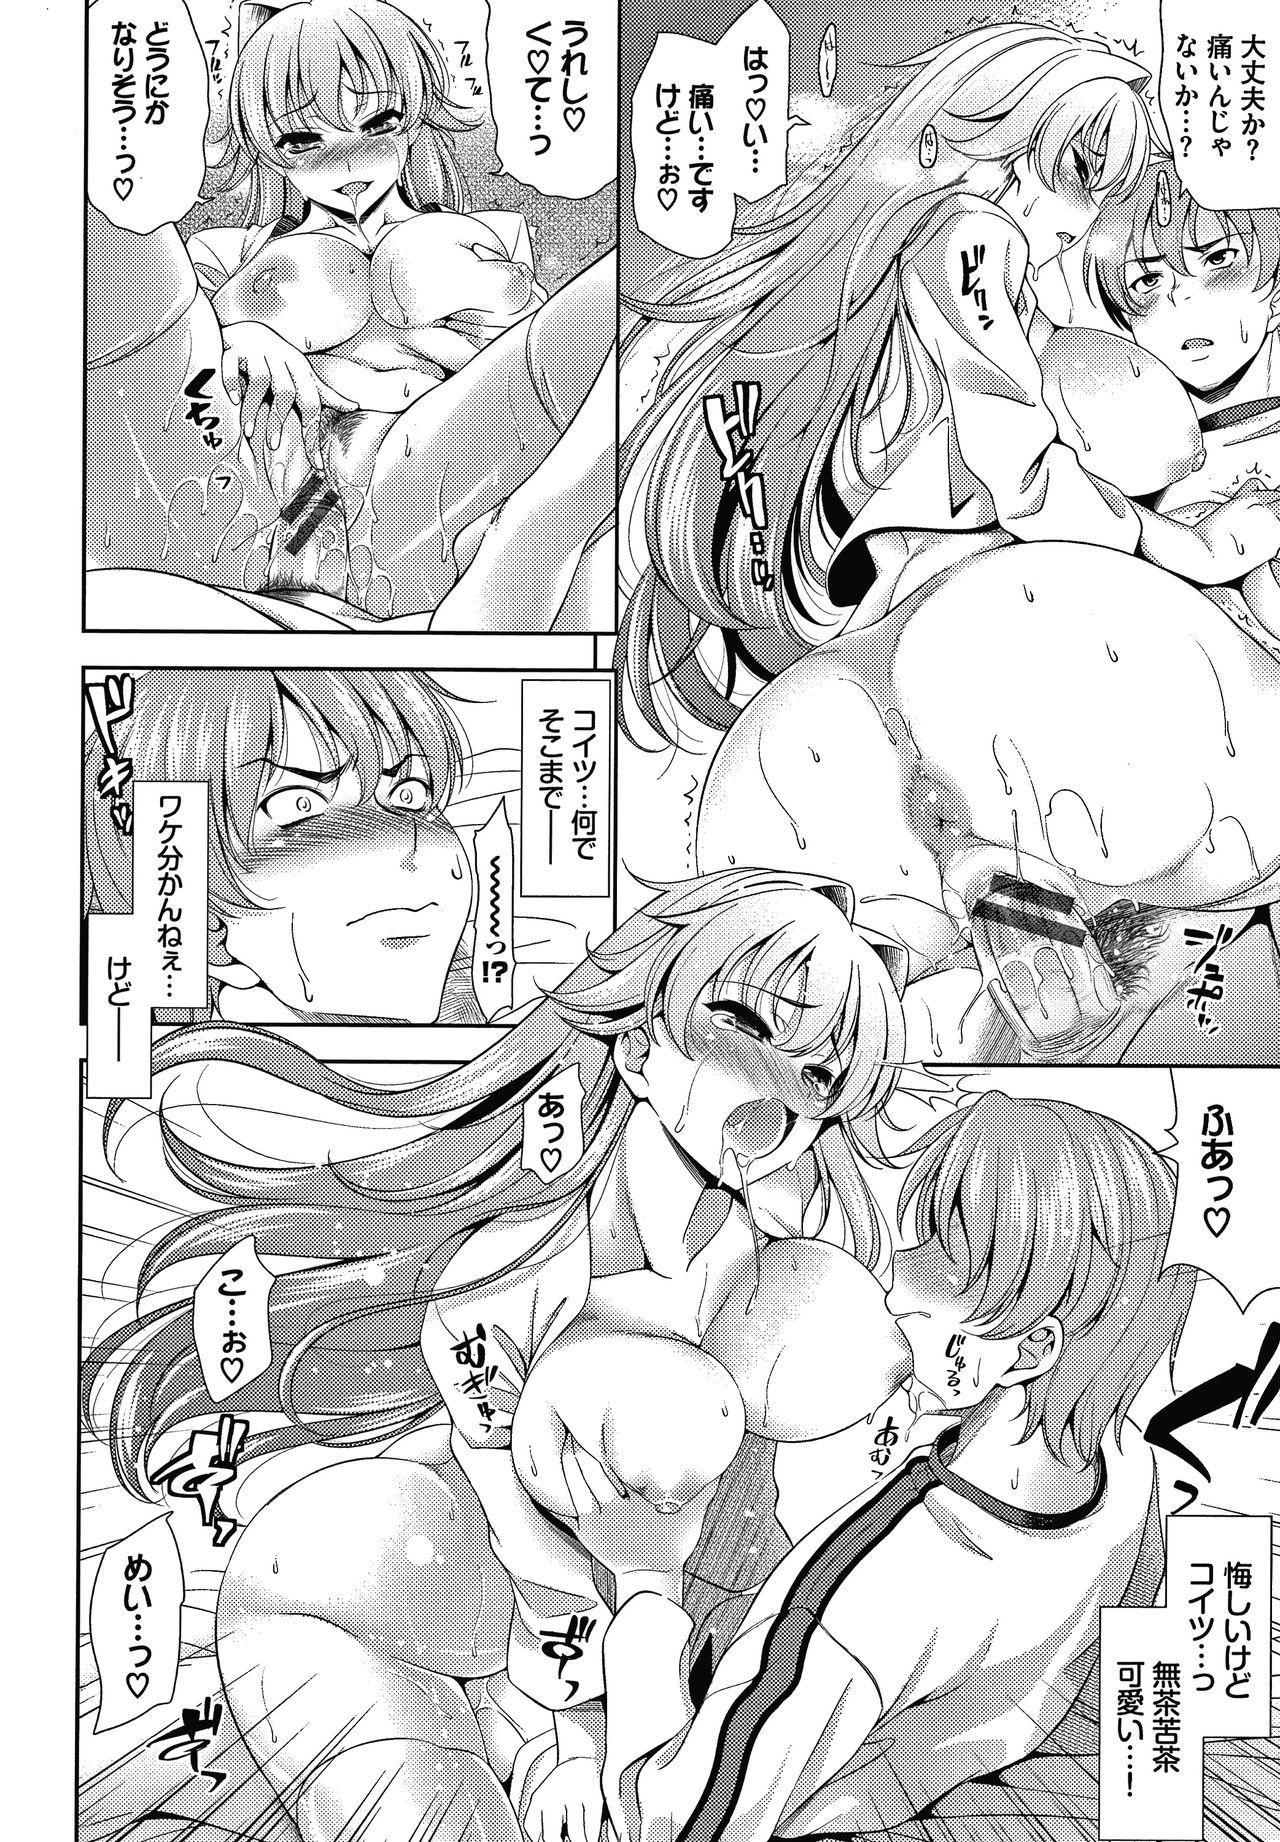 Shocking Pink! Shinsouban 22